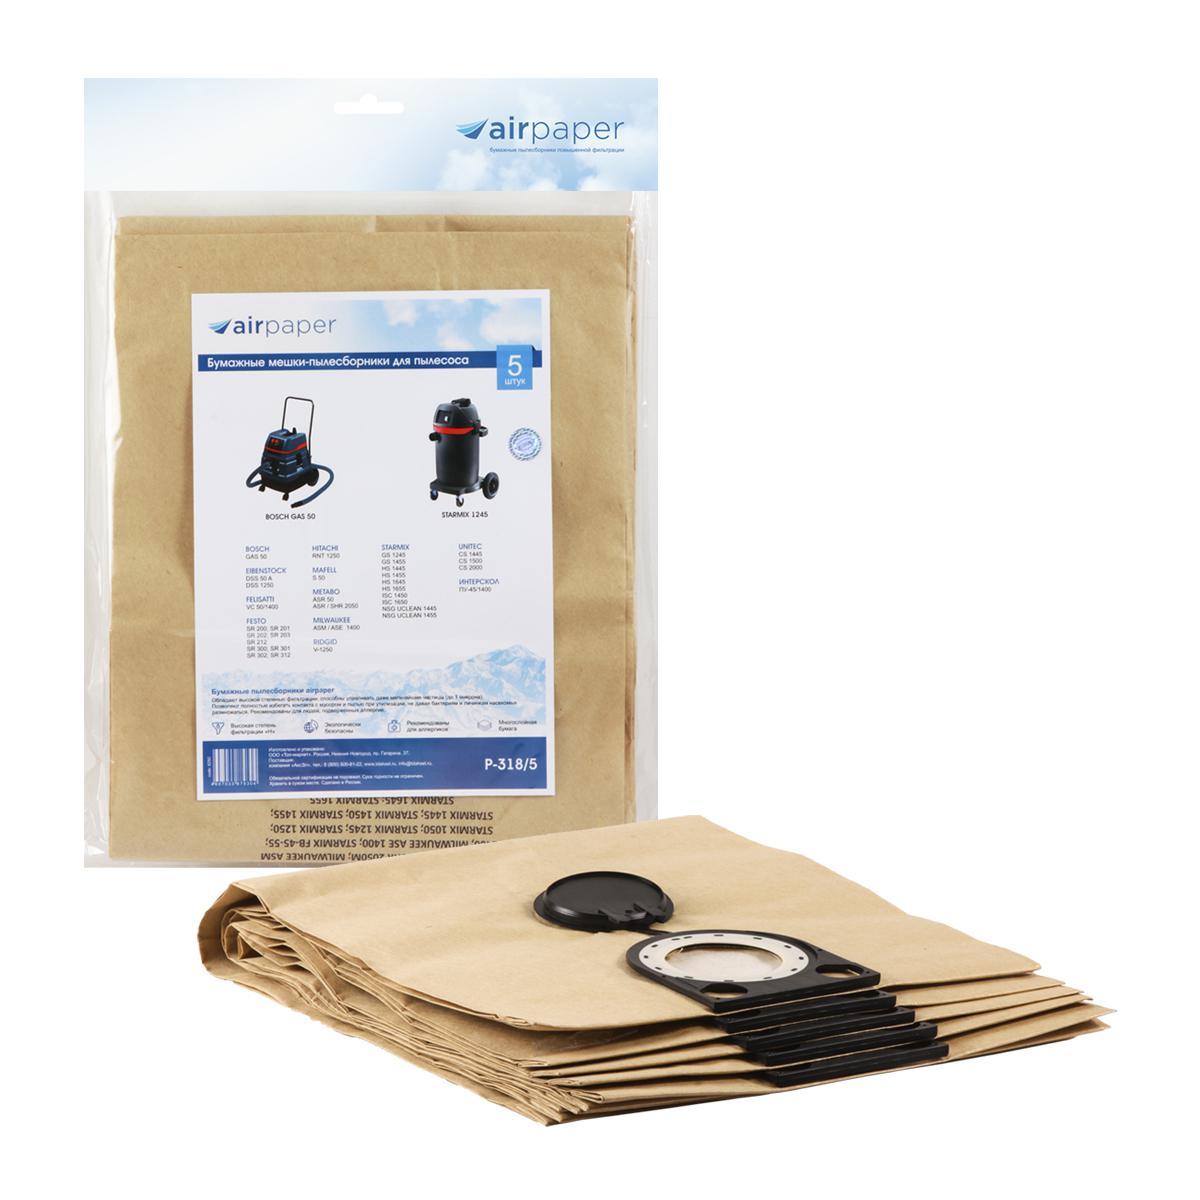 Мешок Air paper P-318/5 eglo 95166